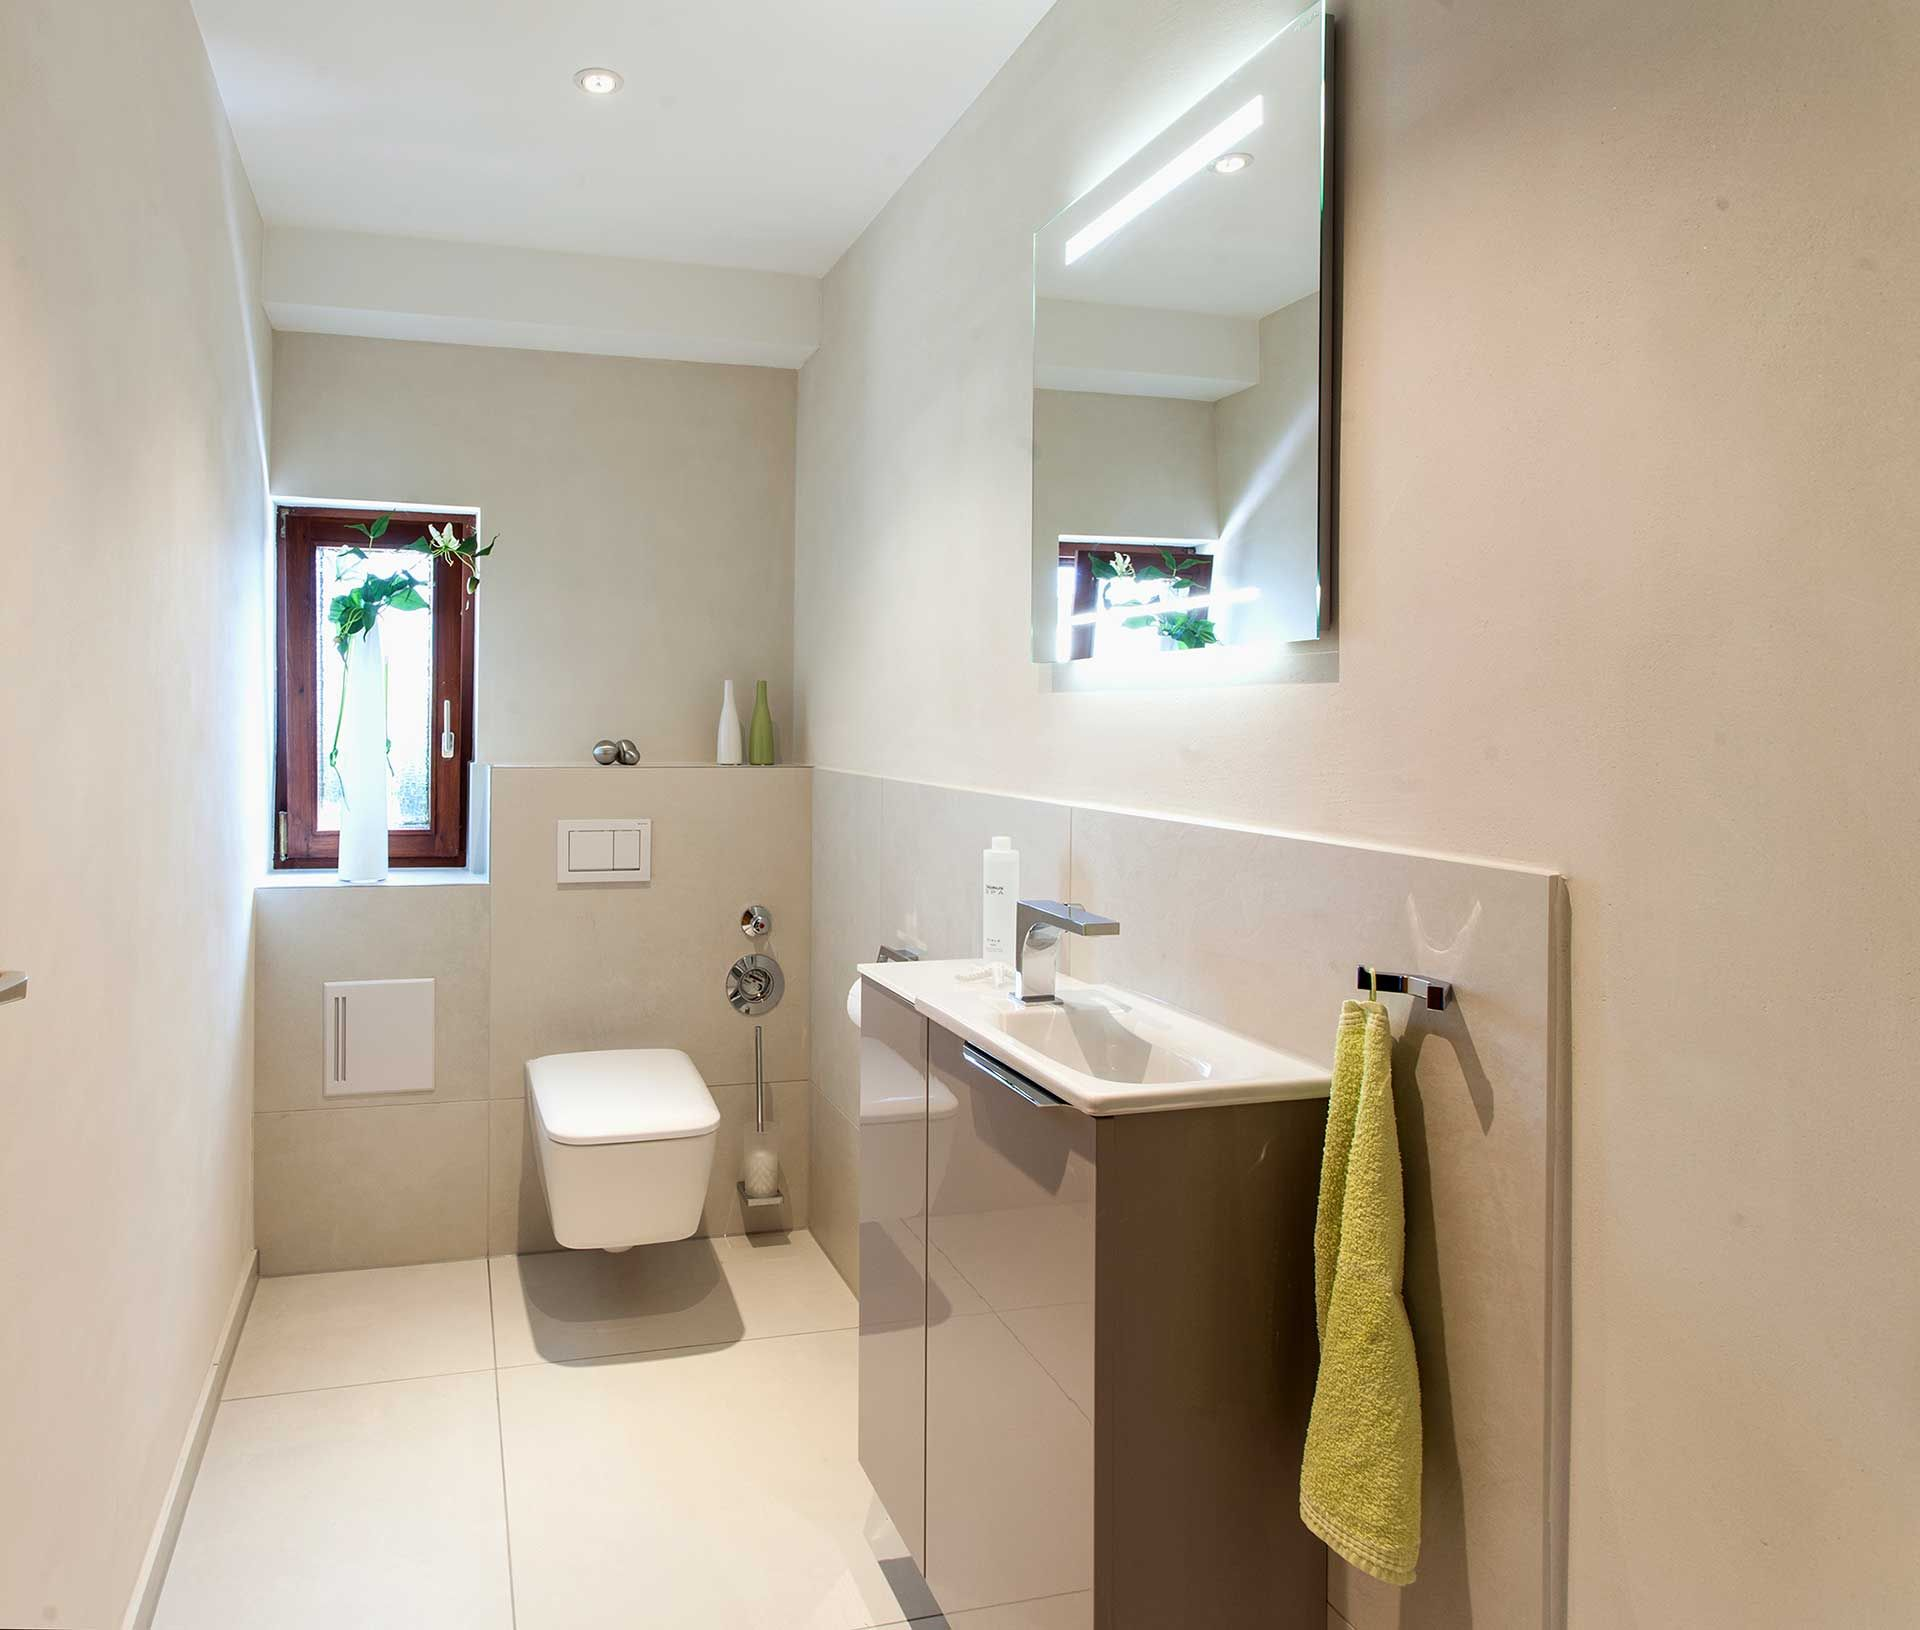 Badezimmer Badezimmer Renovieren Bad Neu Gestalten Und Badezimmer